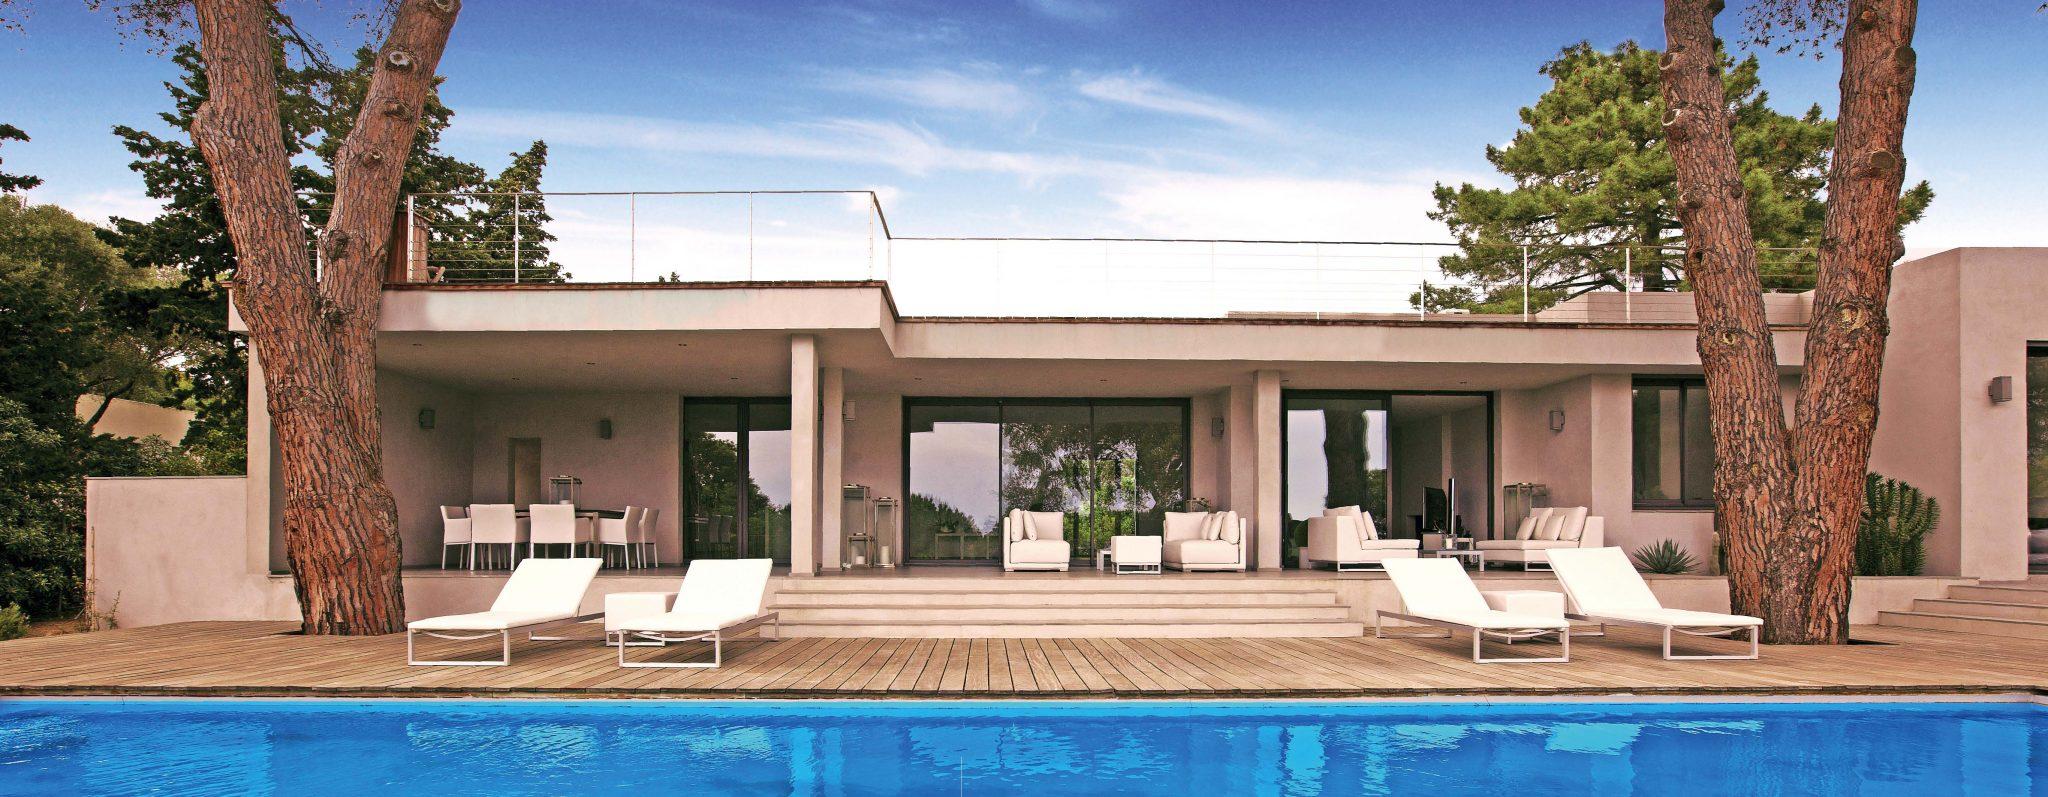 Maison plain pied architecte contemporain - Le monde de Léa